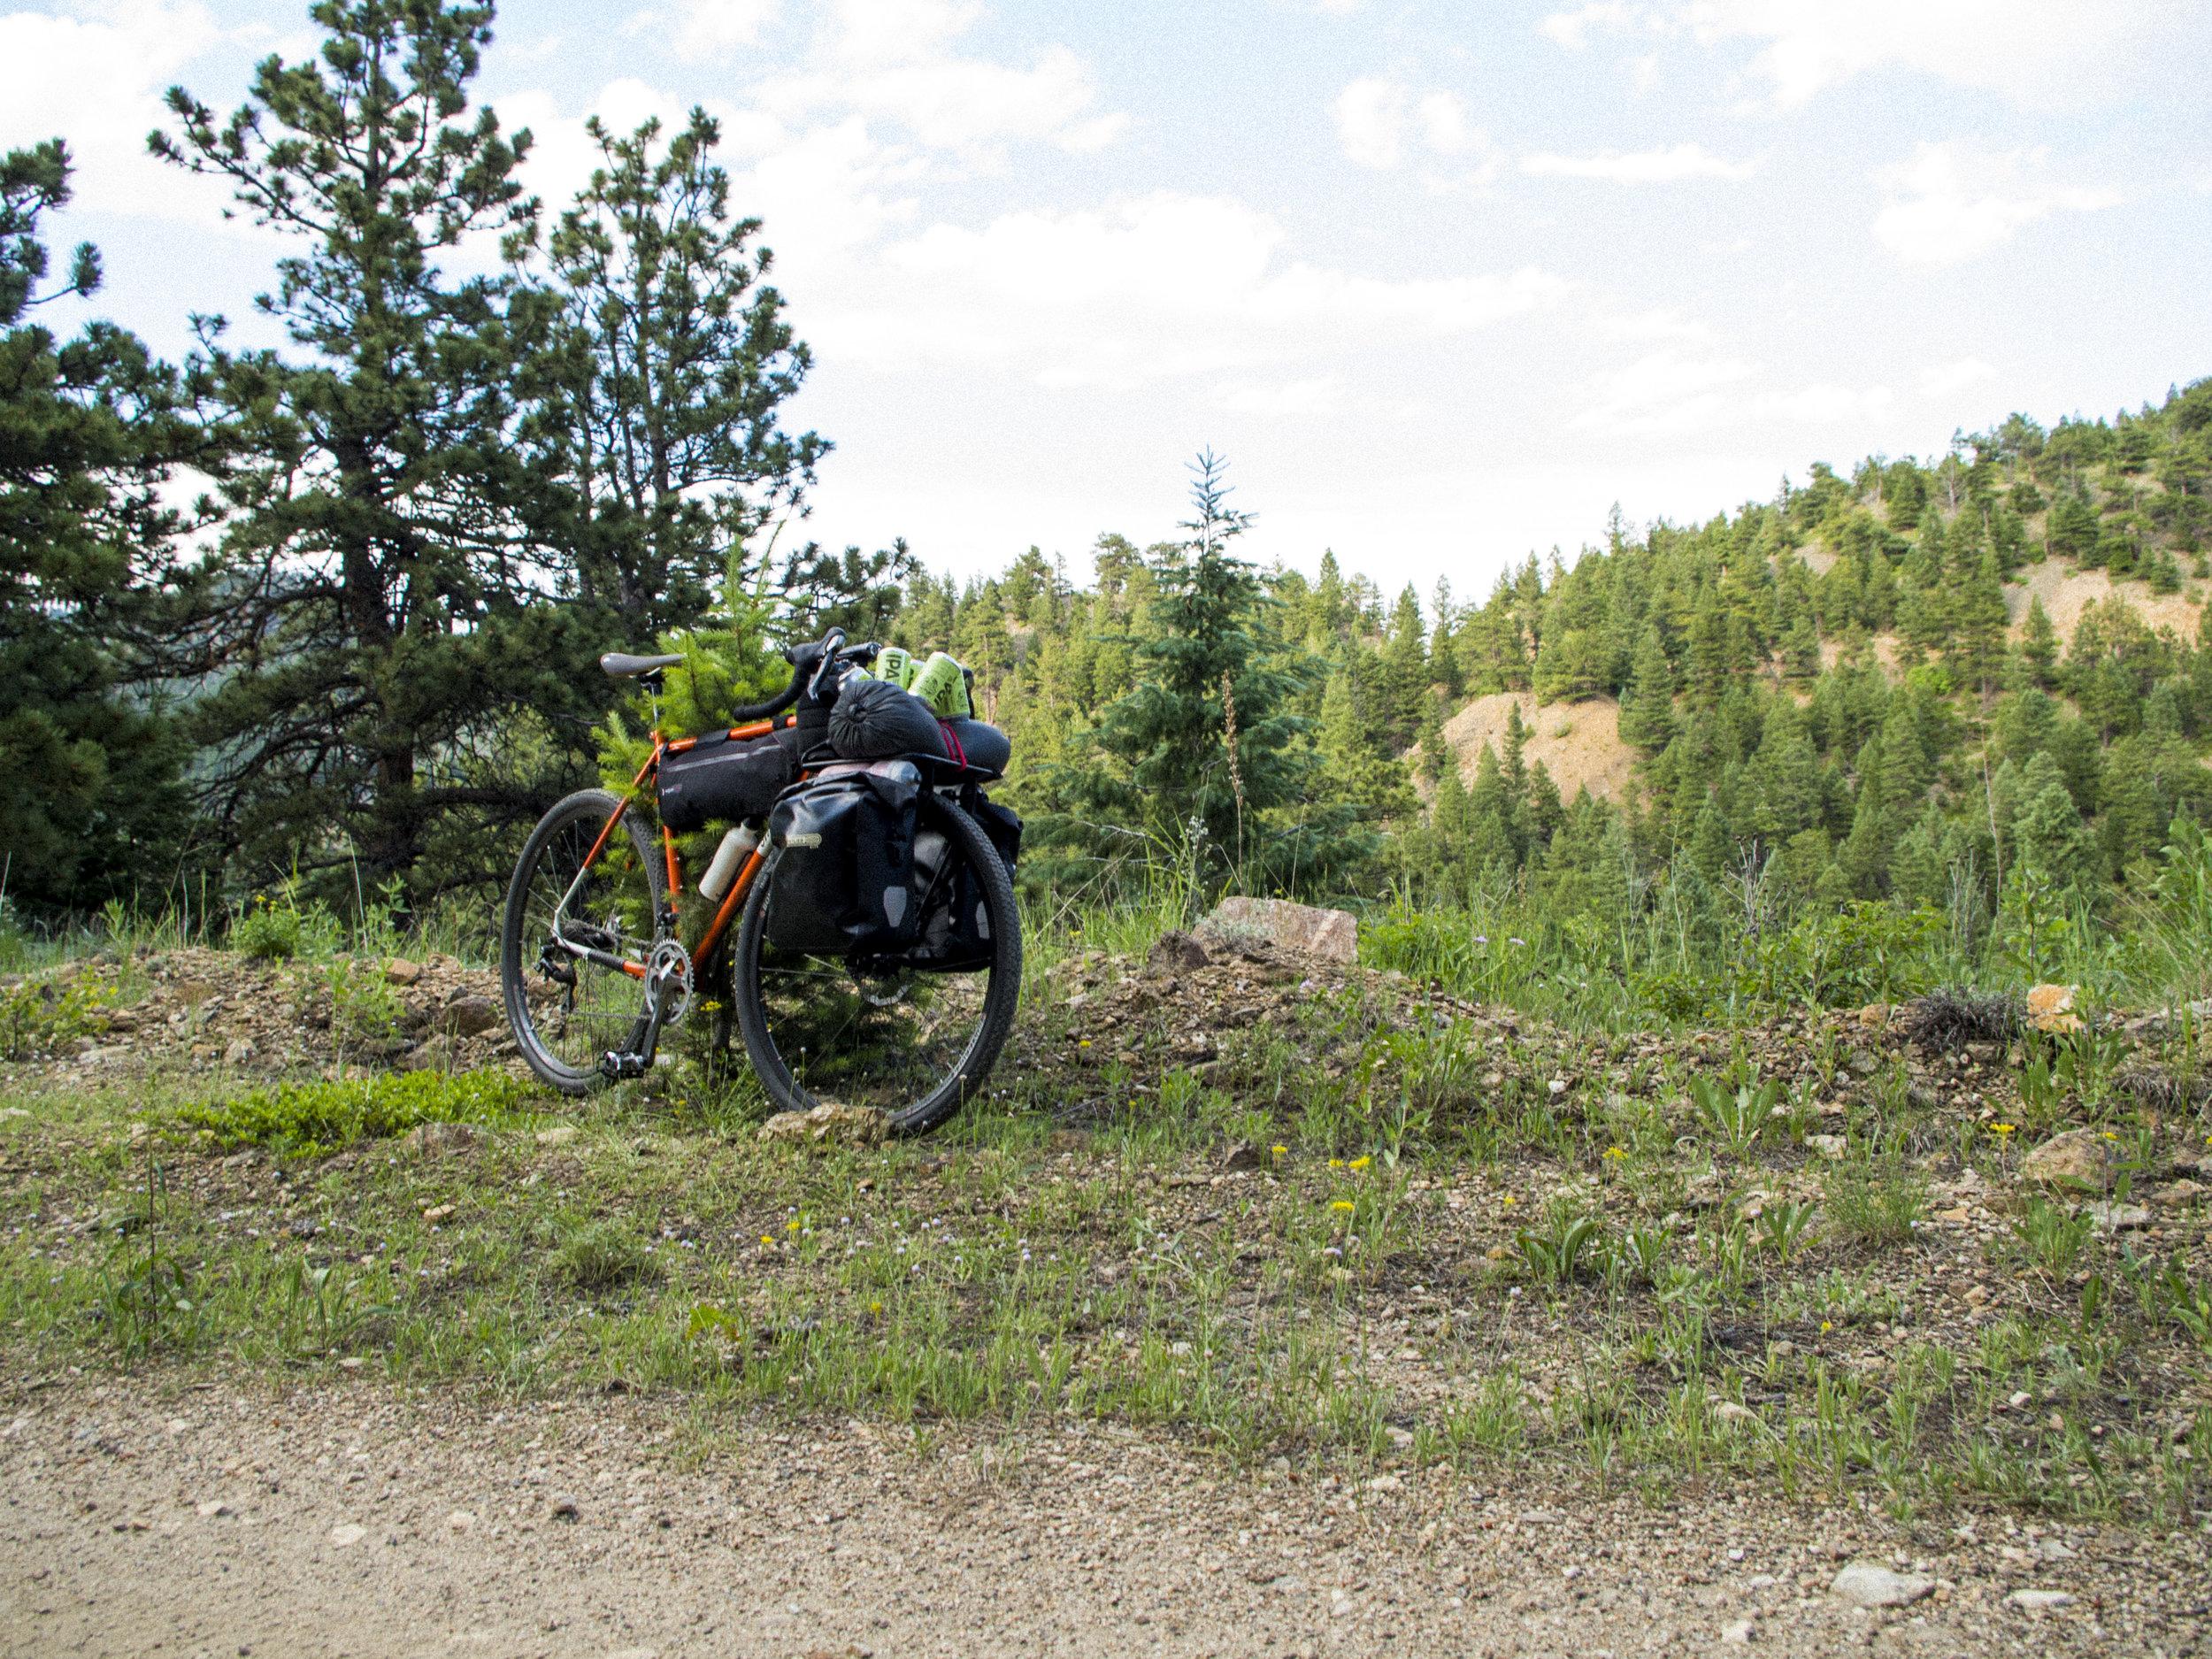 bike-camping_19405822962_o.jpg